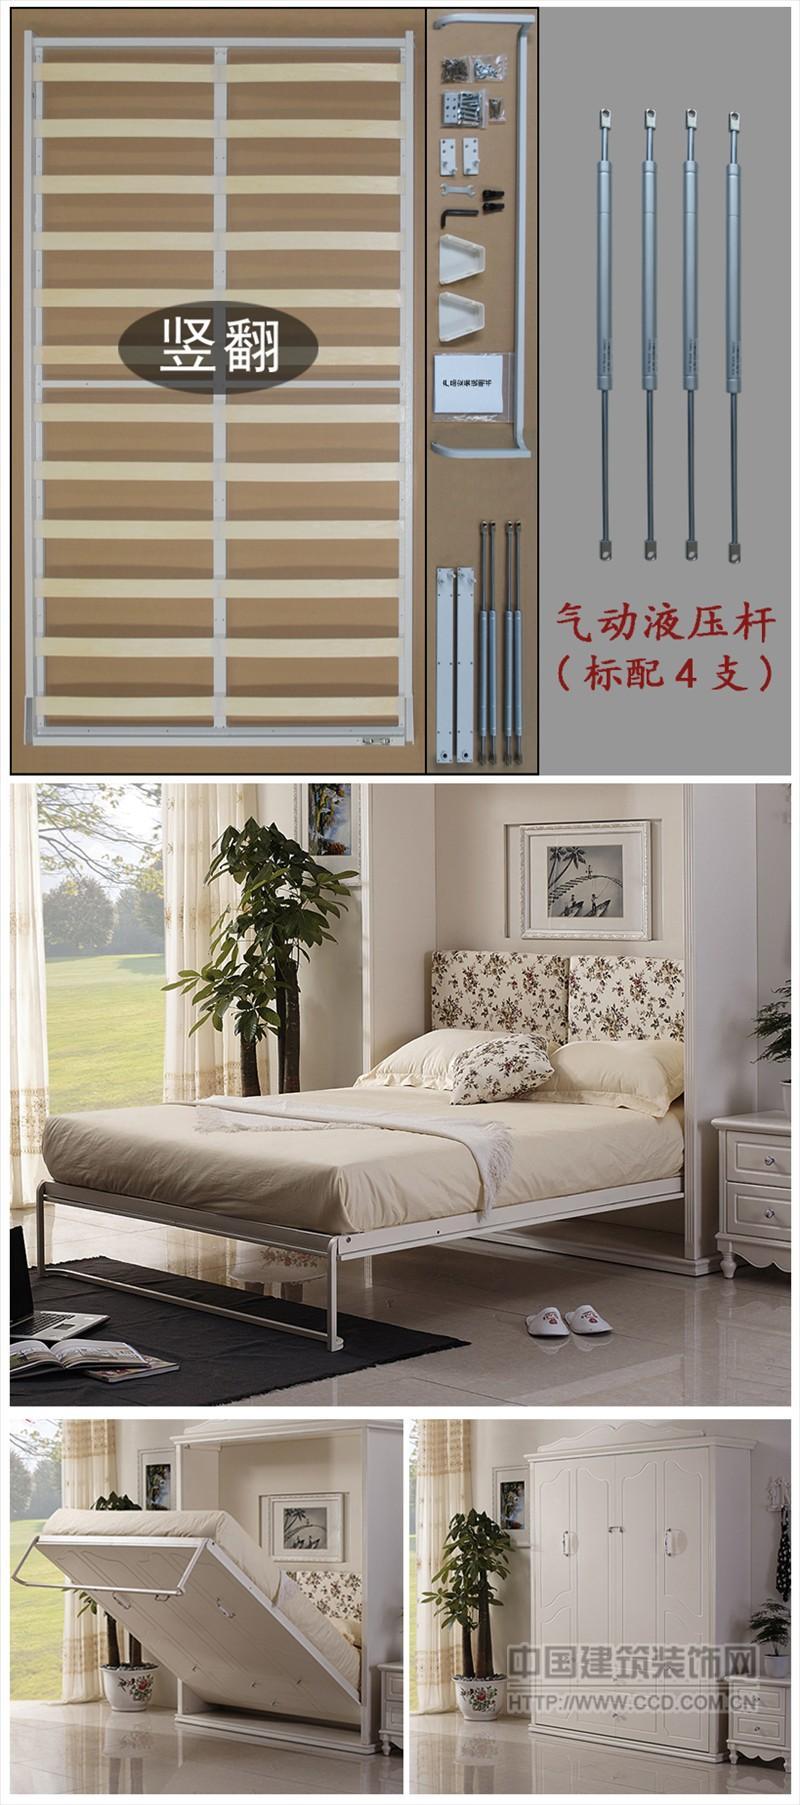 厂家直销广州市意派多功能隐形床